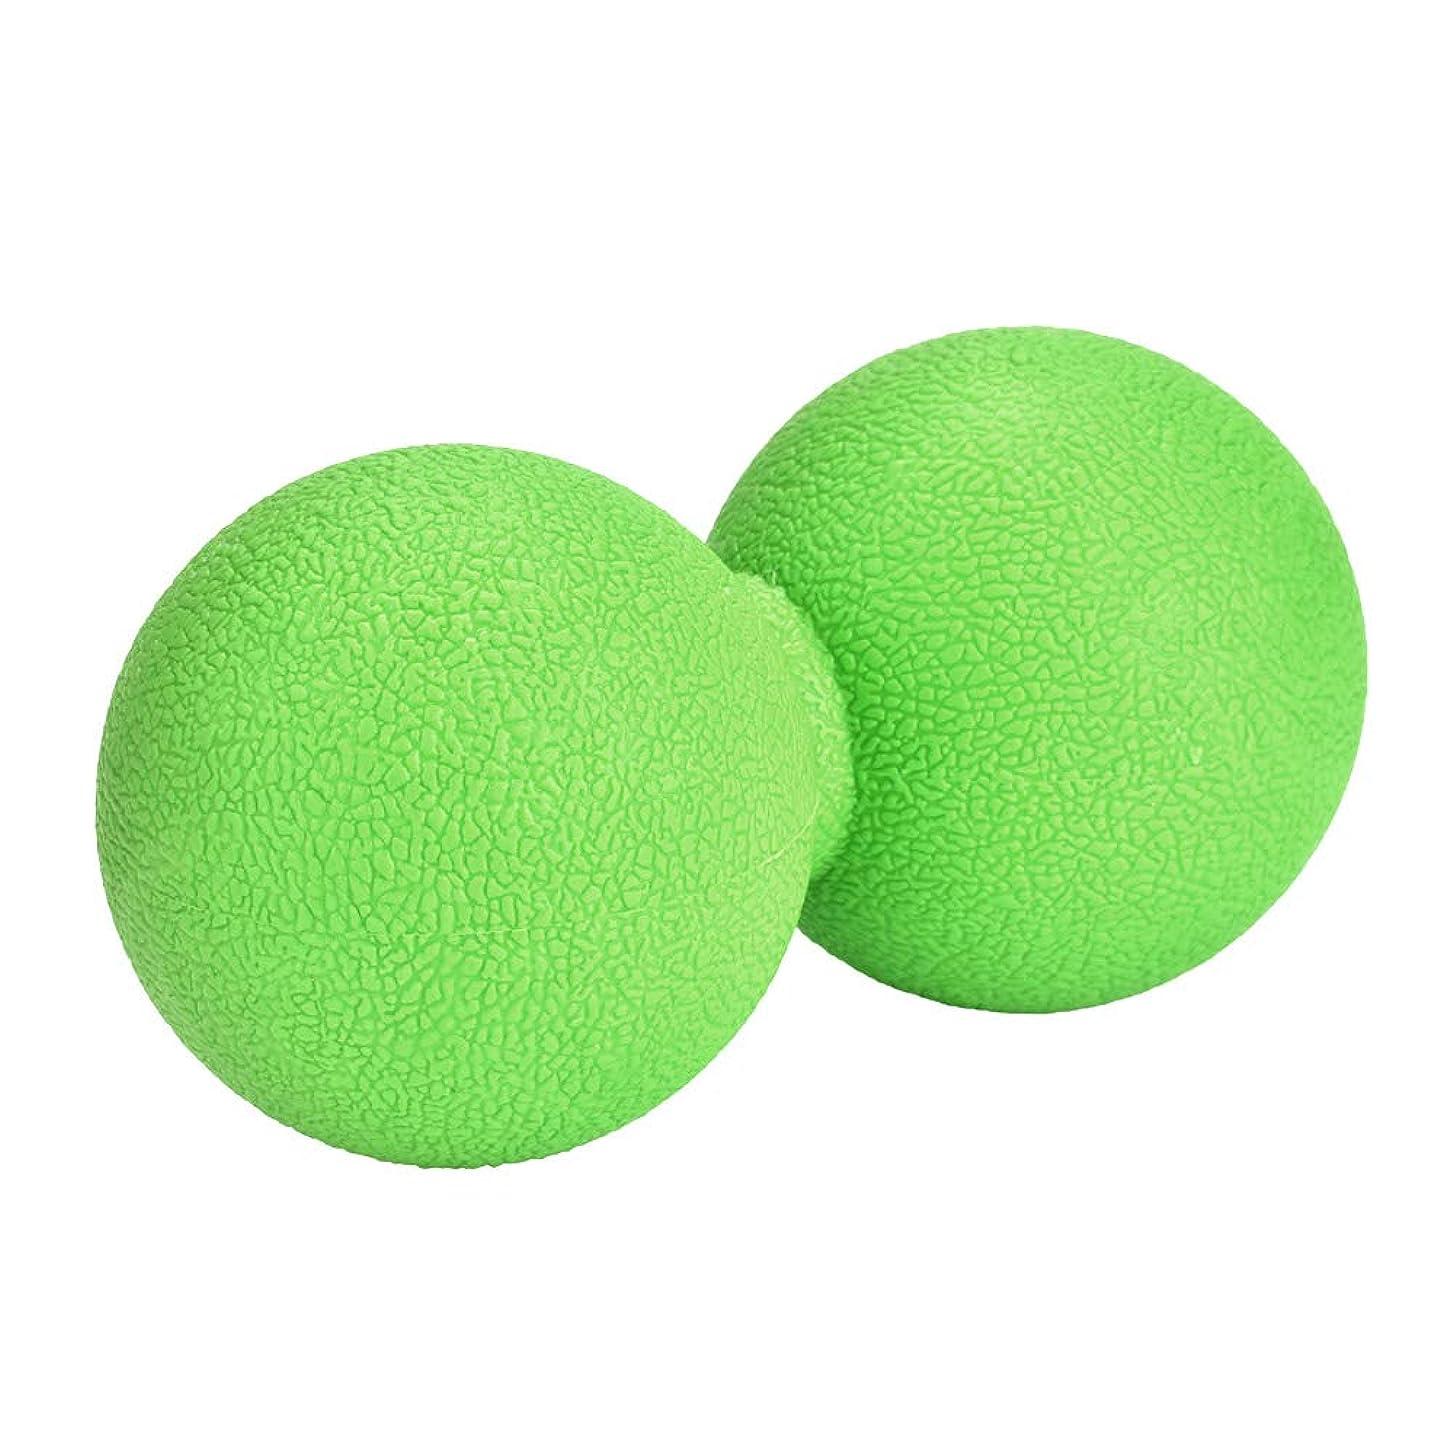 服を片付ける太い歯痛マッサージボール ストレッチボール ピーナッツ型 ヨガボール 首 背中 肩こり 腰 ふくらはぎ 足裏 筋膜リリース トレーニング